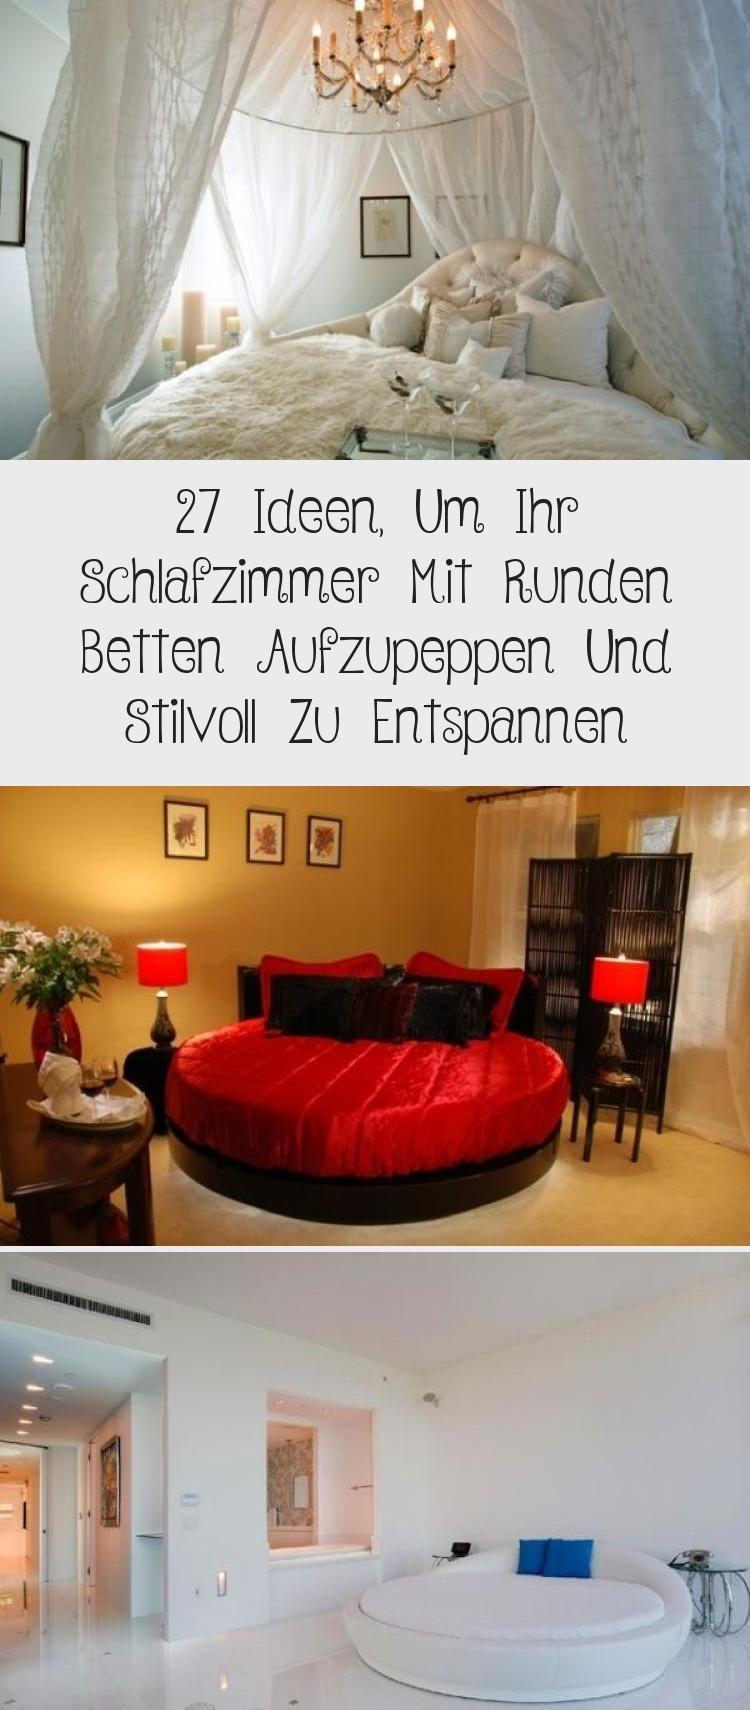 27 Ideen Um Ihr Schlafzimmer Mit Runden Betten Aufzupeppen